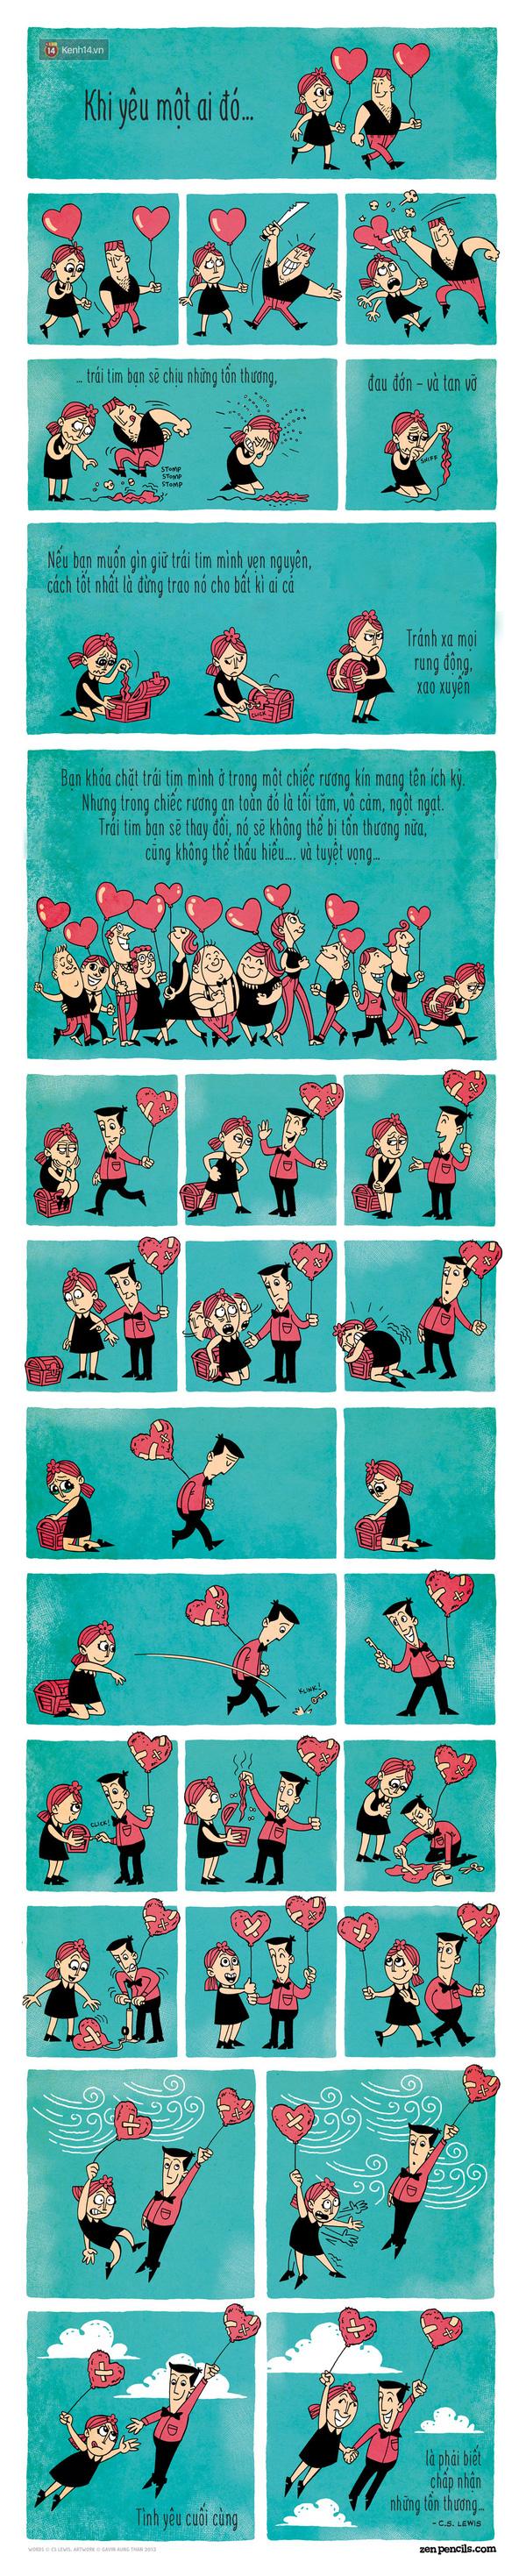 [Bộ tranh] Tình yêu là phải biết chấp nhận cả những tổn thương